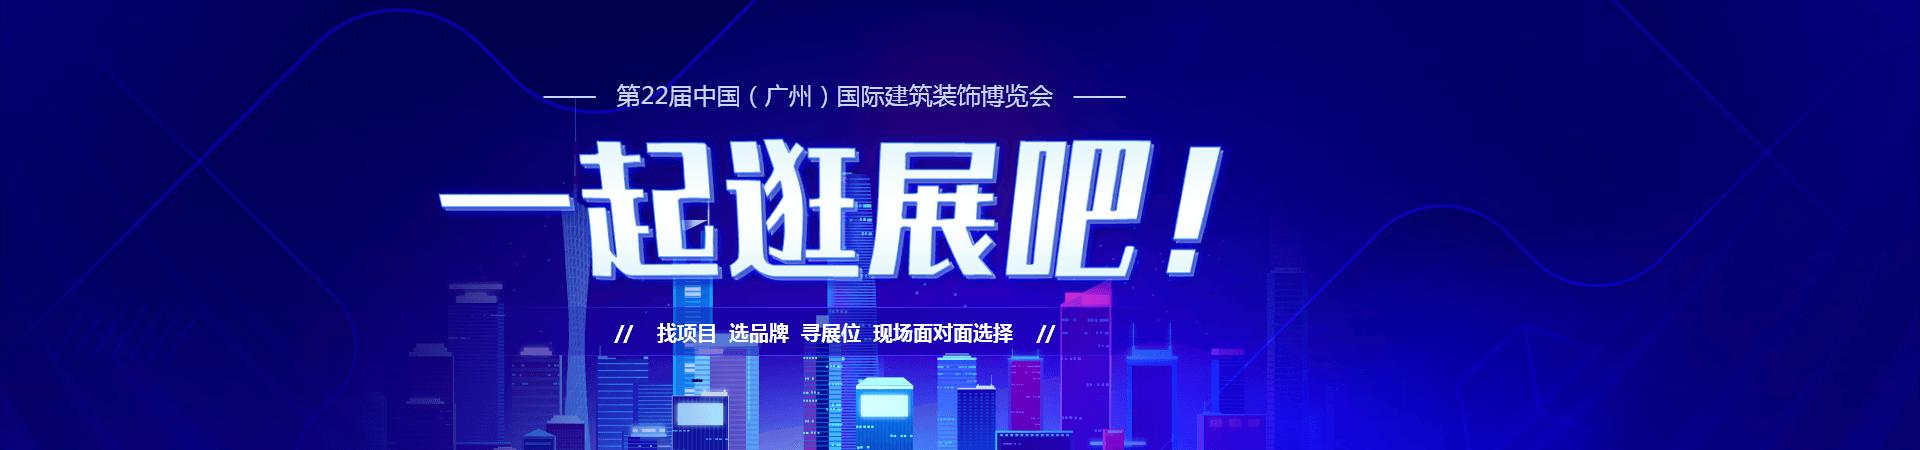 广州展首页幻灯片